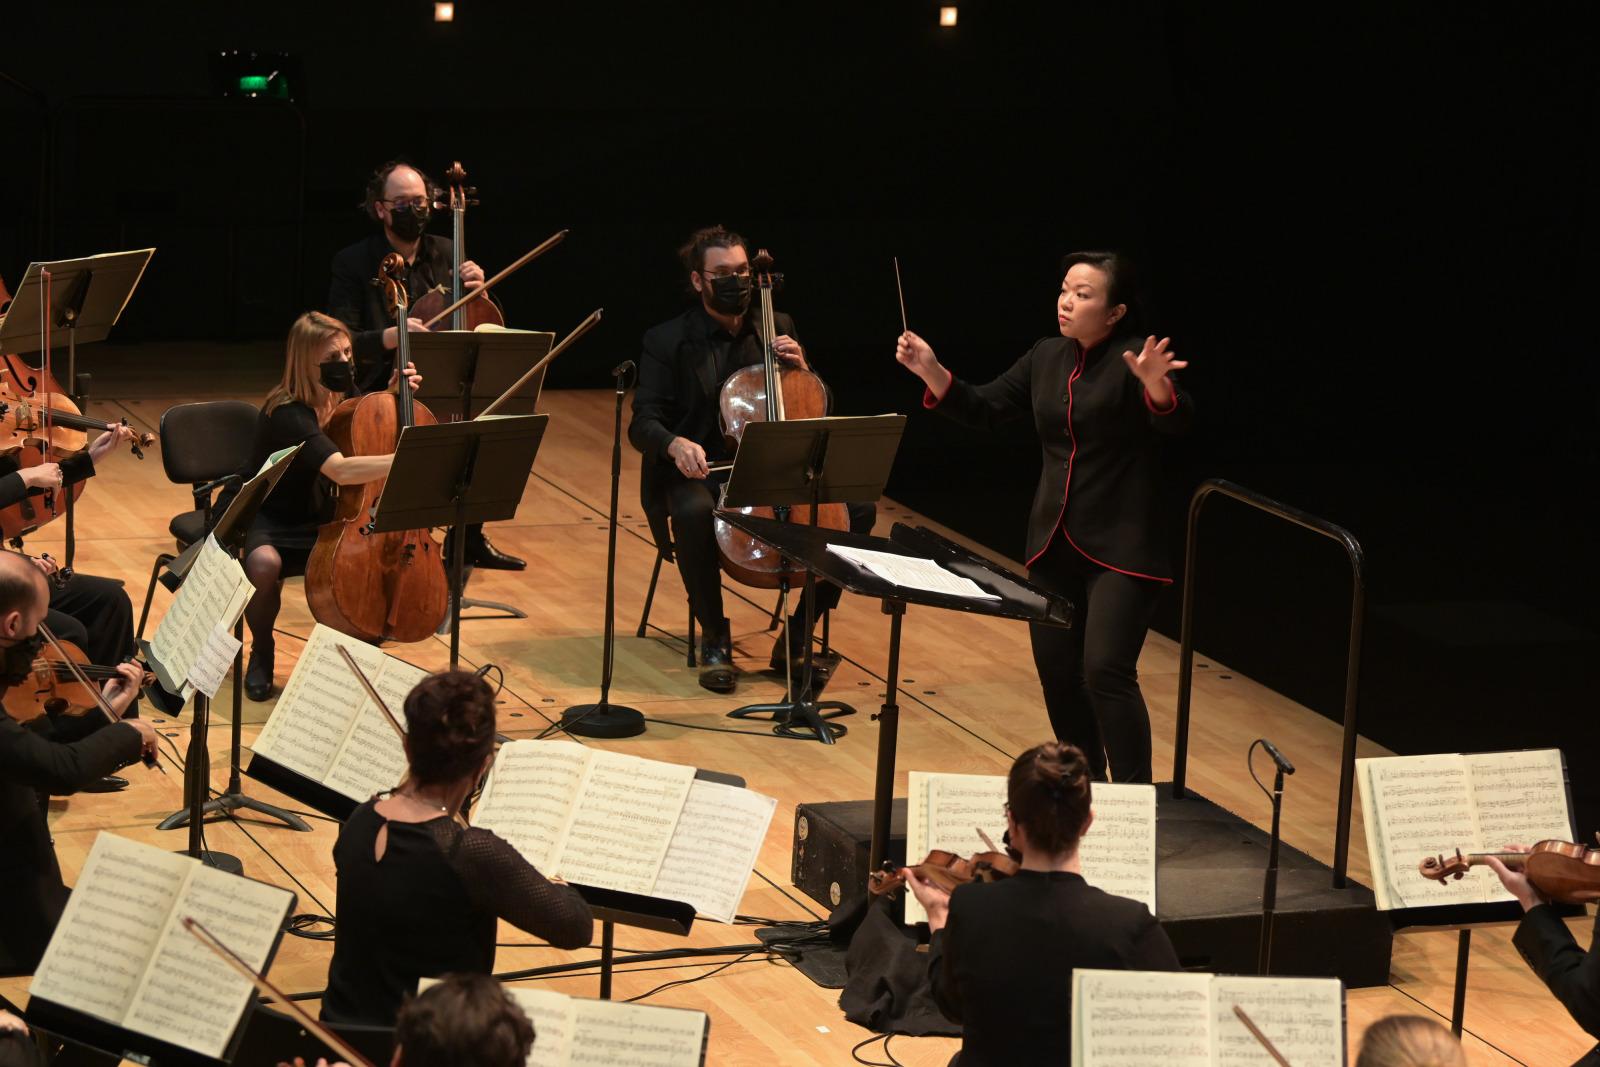 Vivaldi - Grande Messe de Noël - Les Arts Florissants - Paul Agnew